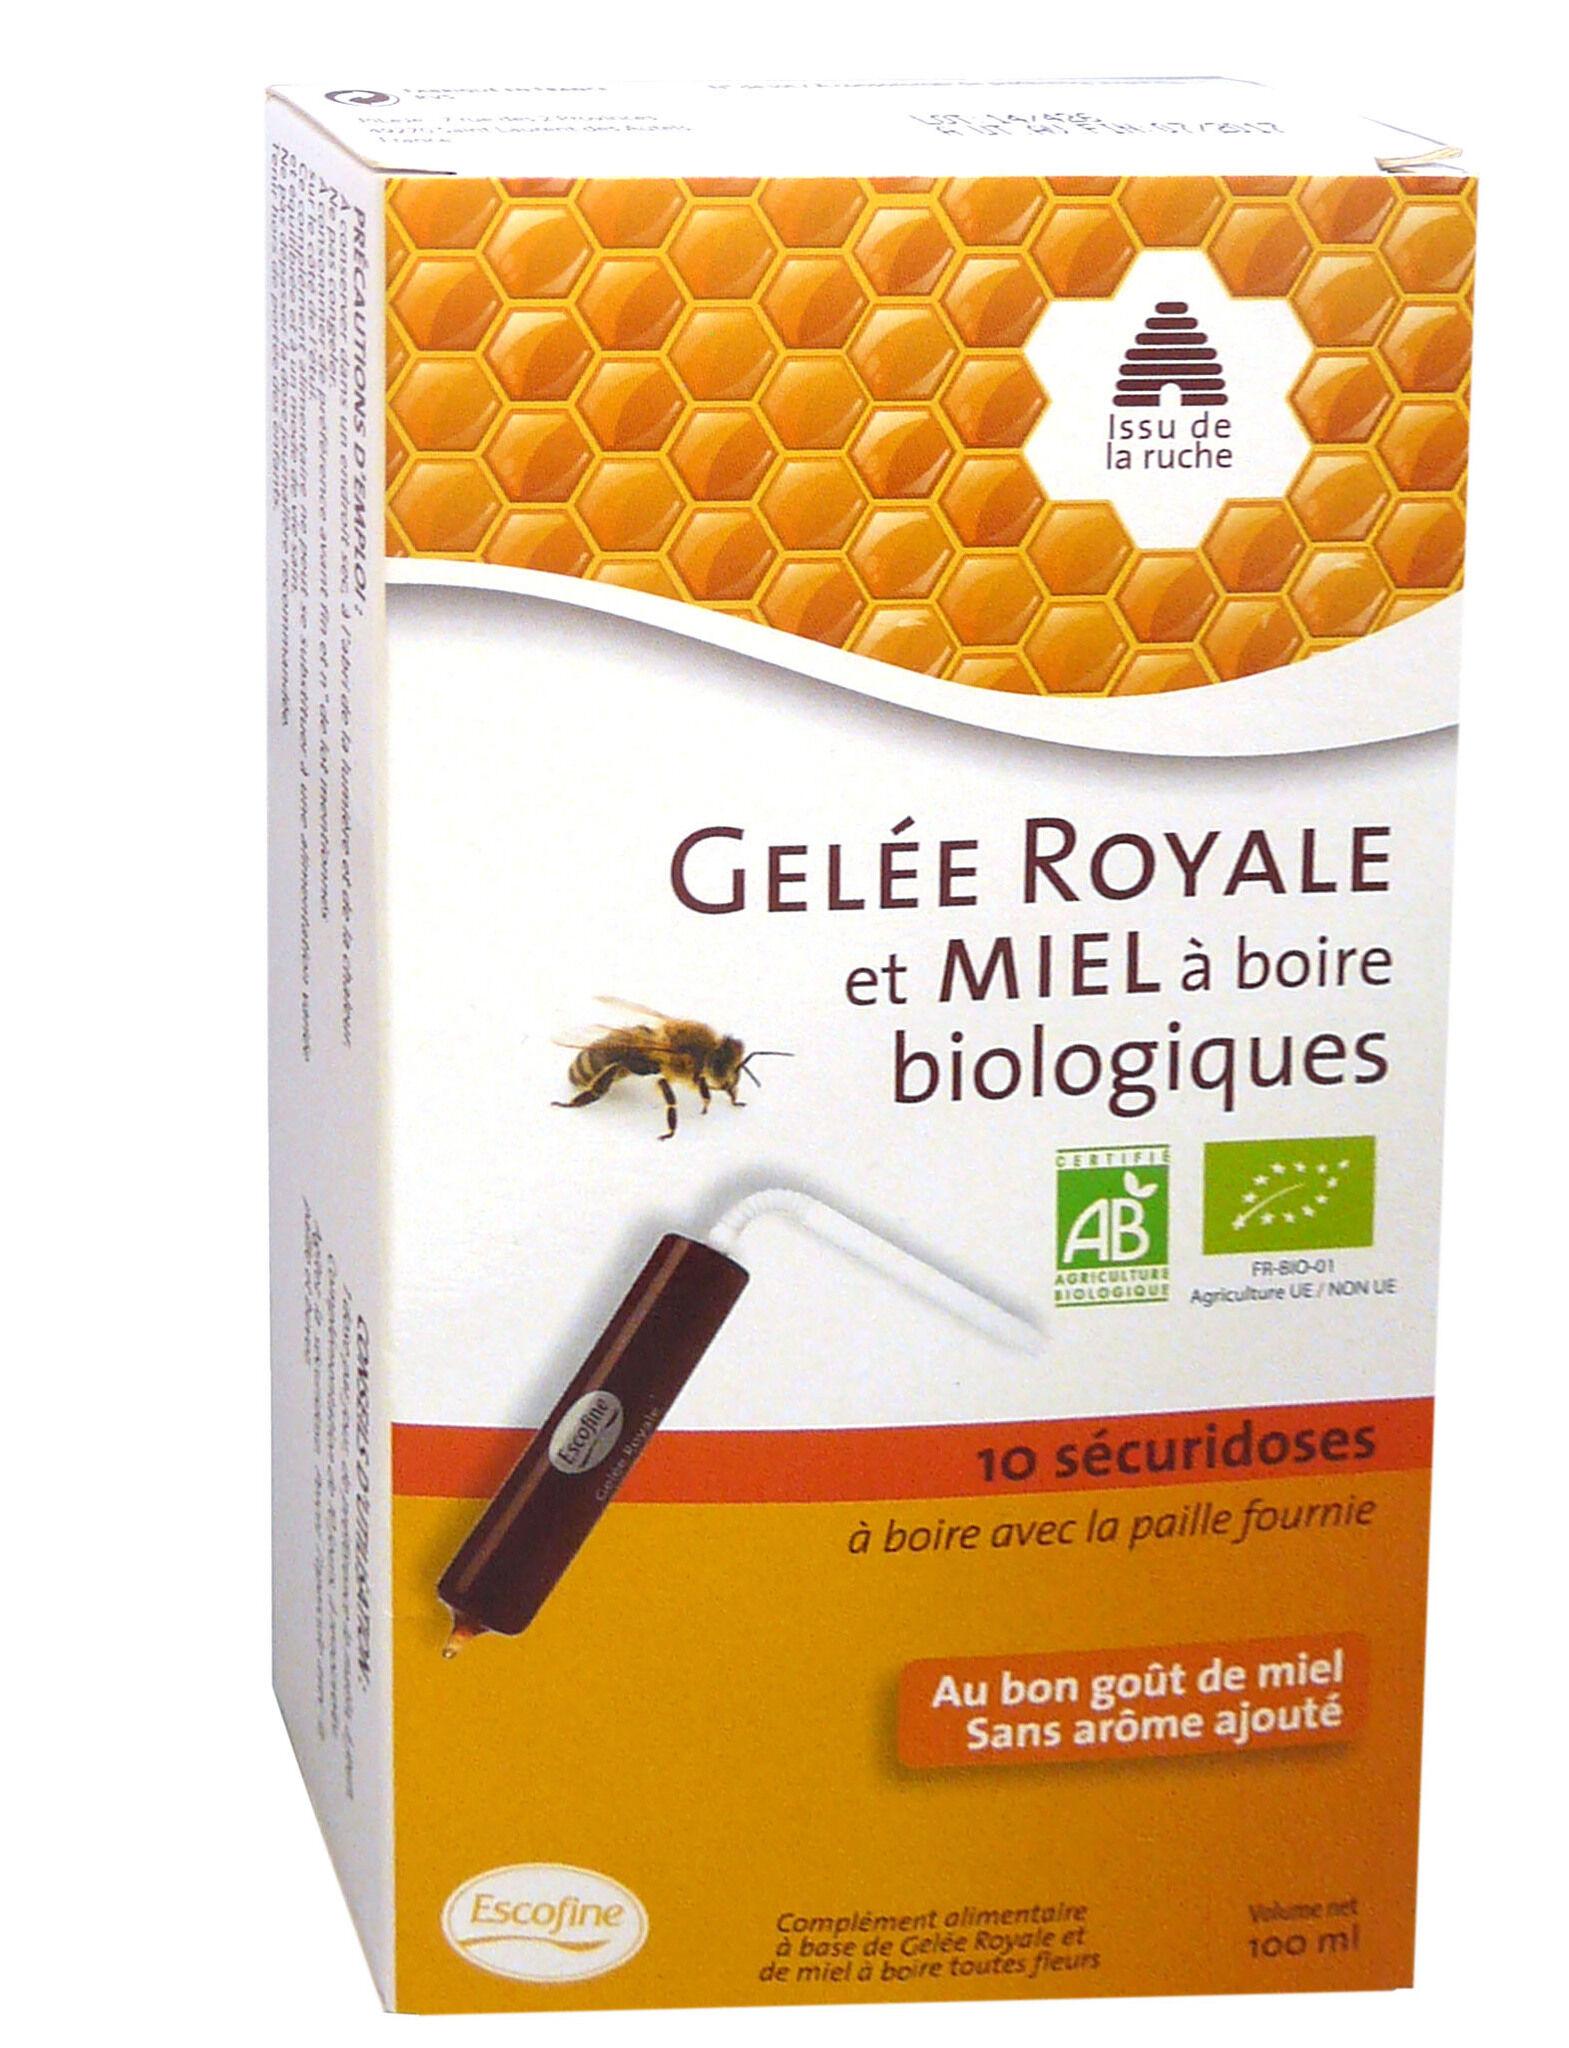 PILEJE Gelee royale et miel a boire biologiques 10 securidoses